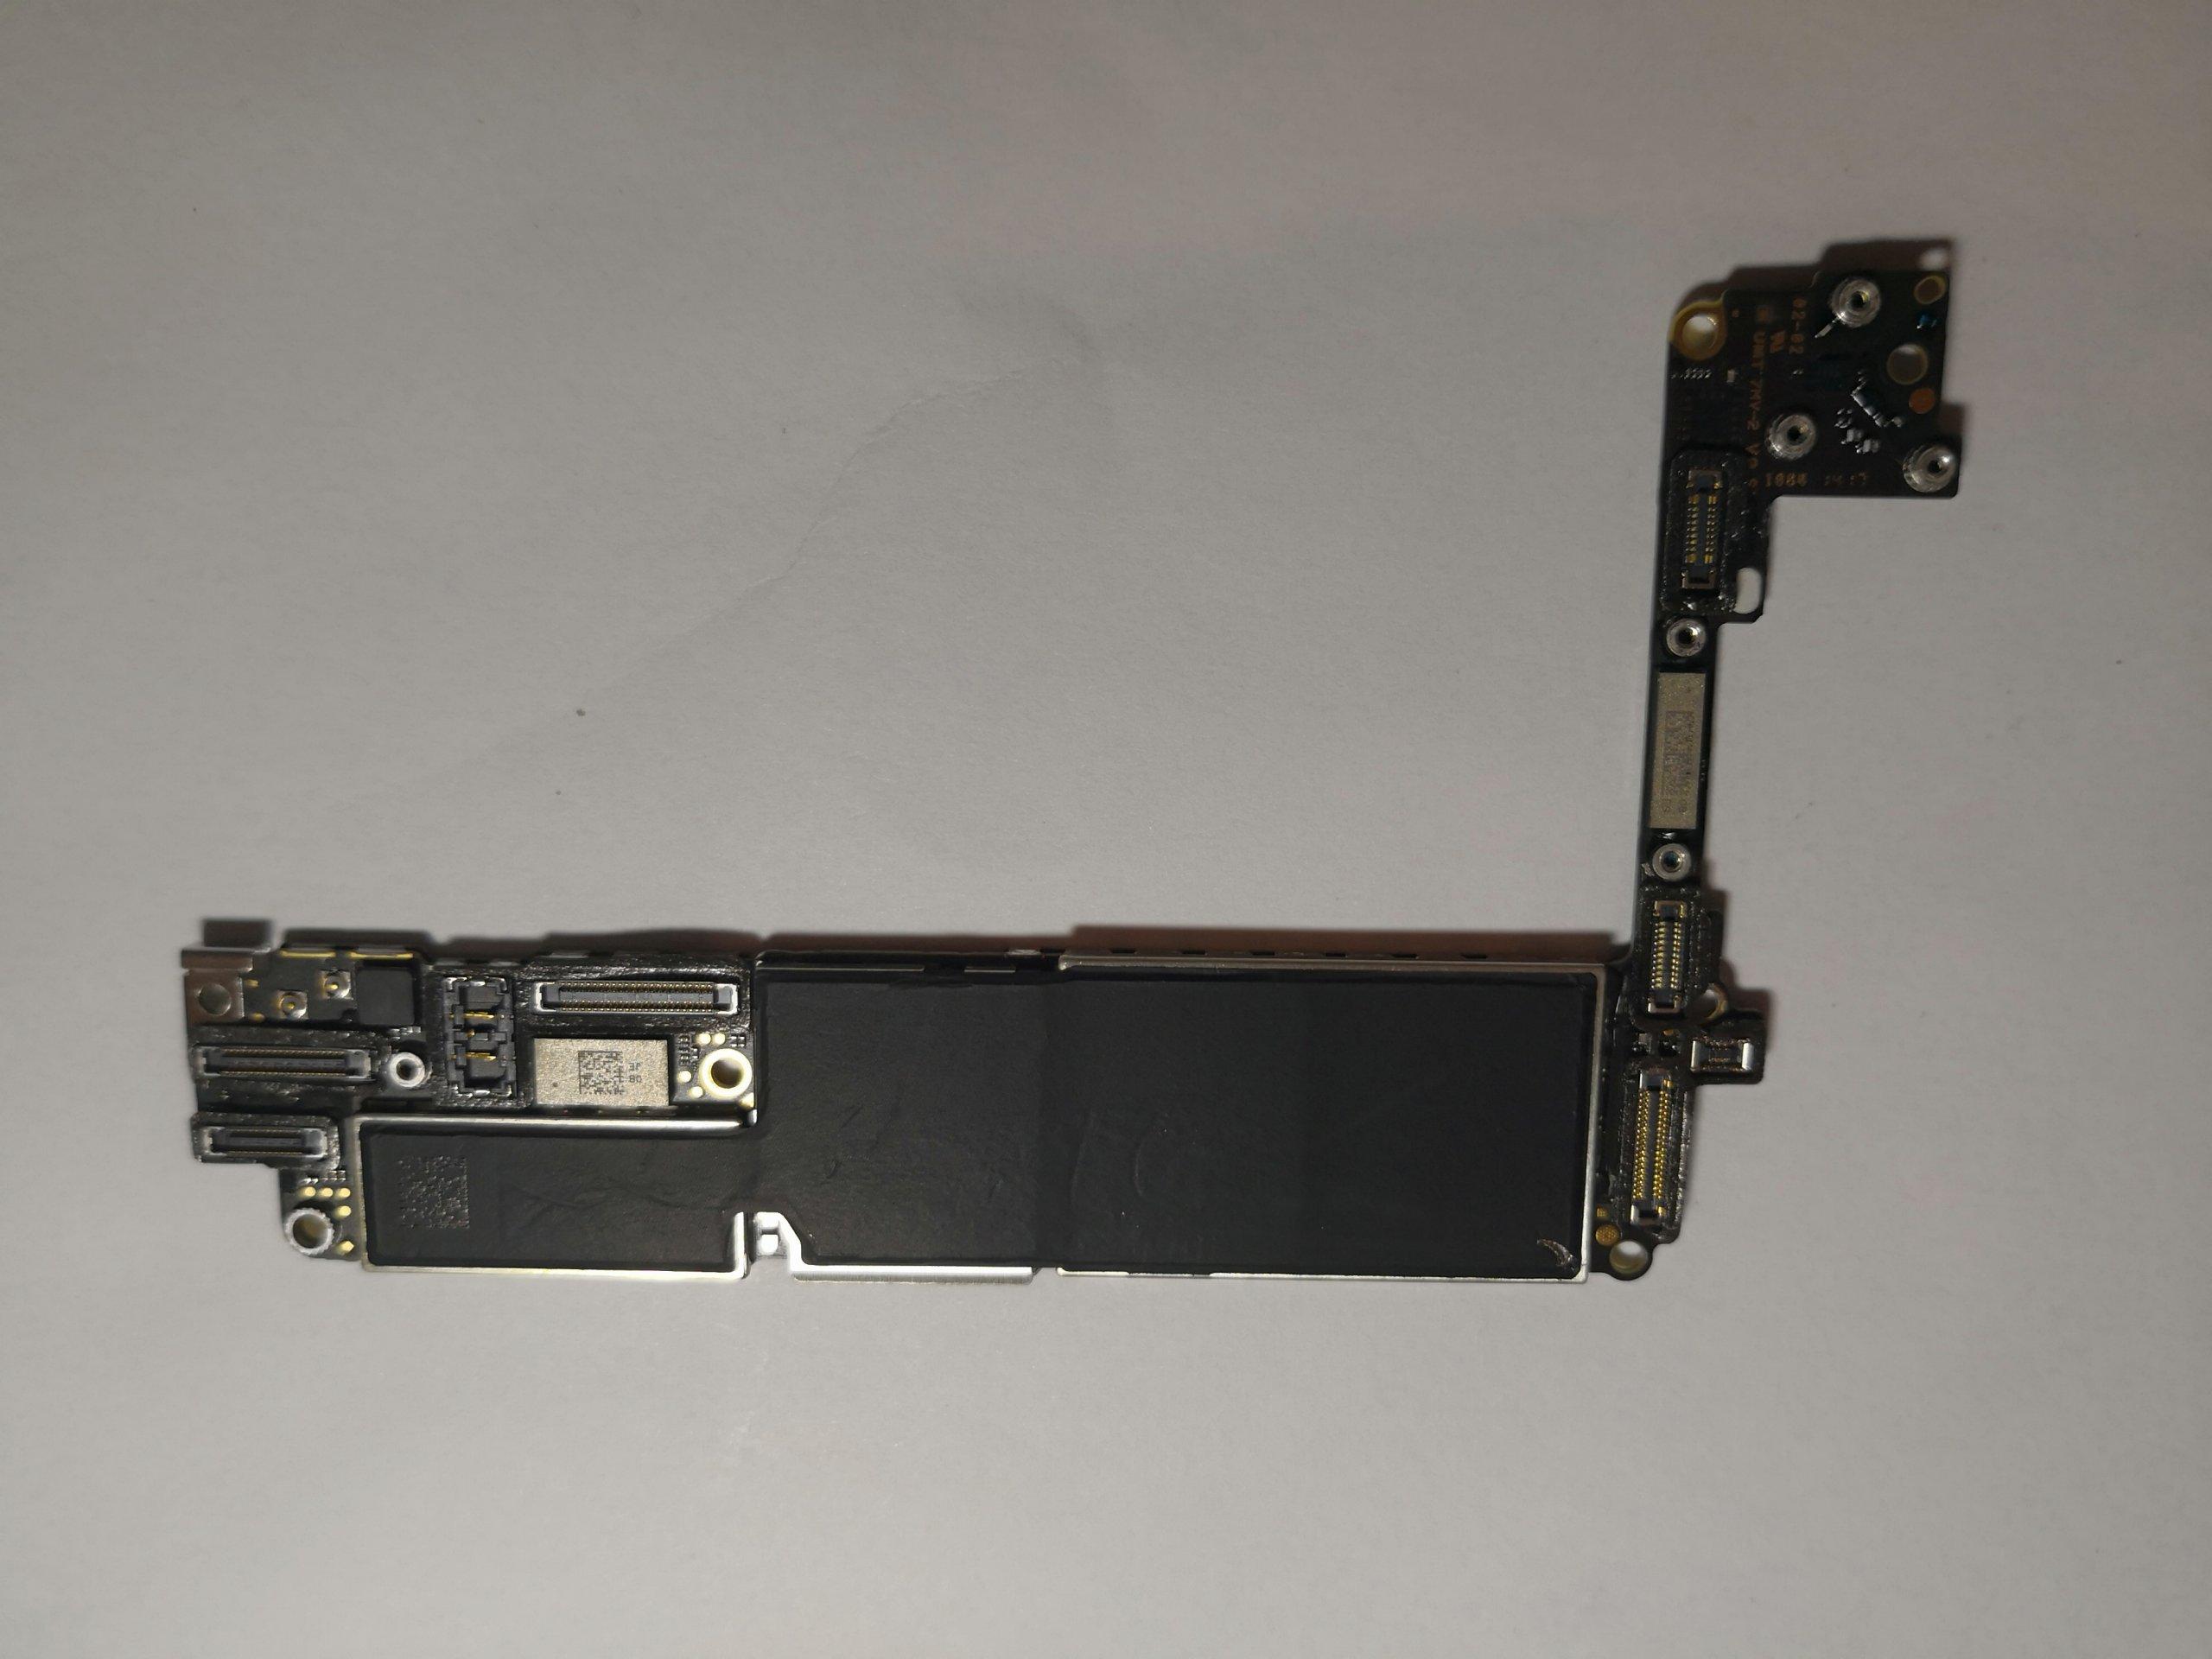 Płyta główna Iphone 7 icloud, demontaż, srapwna.